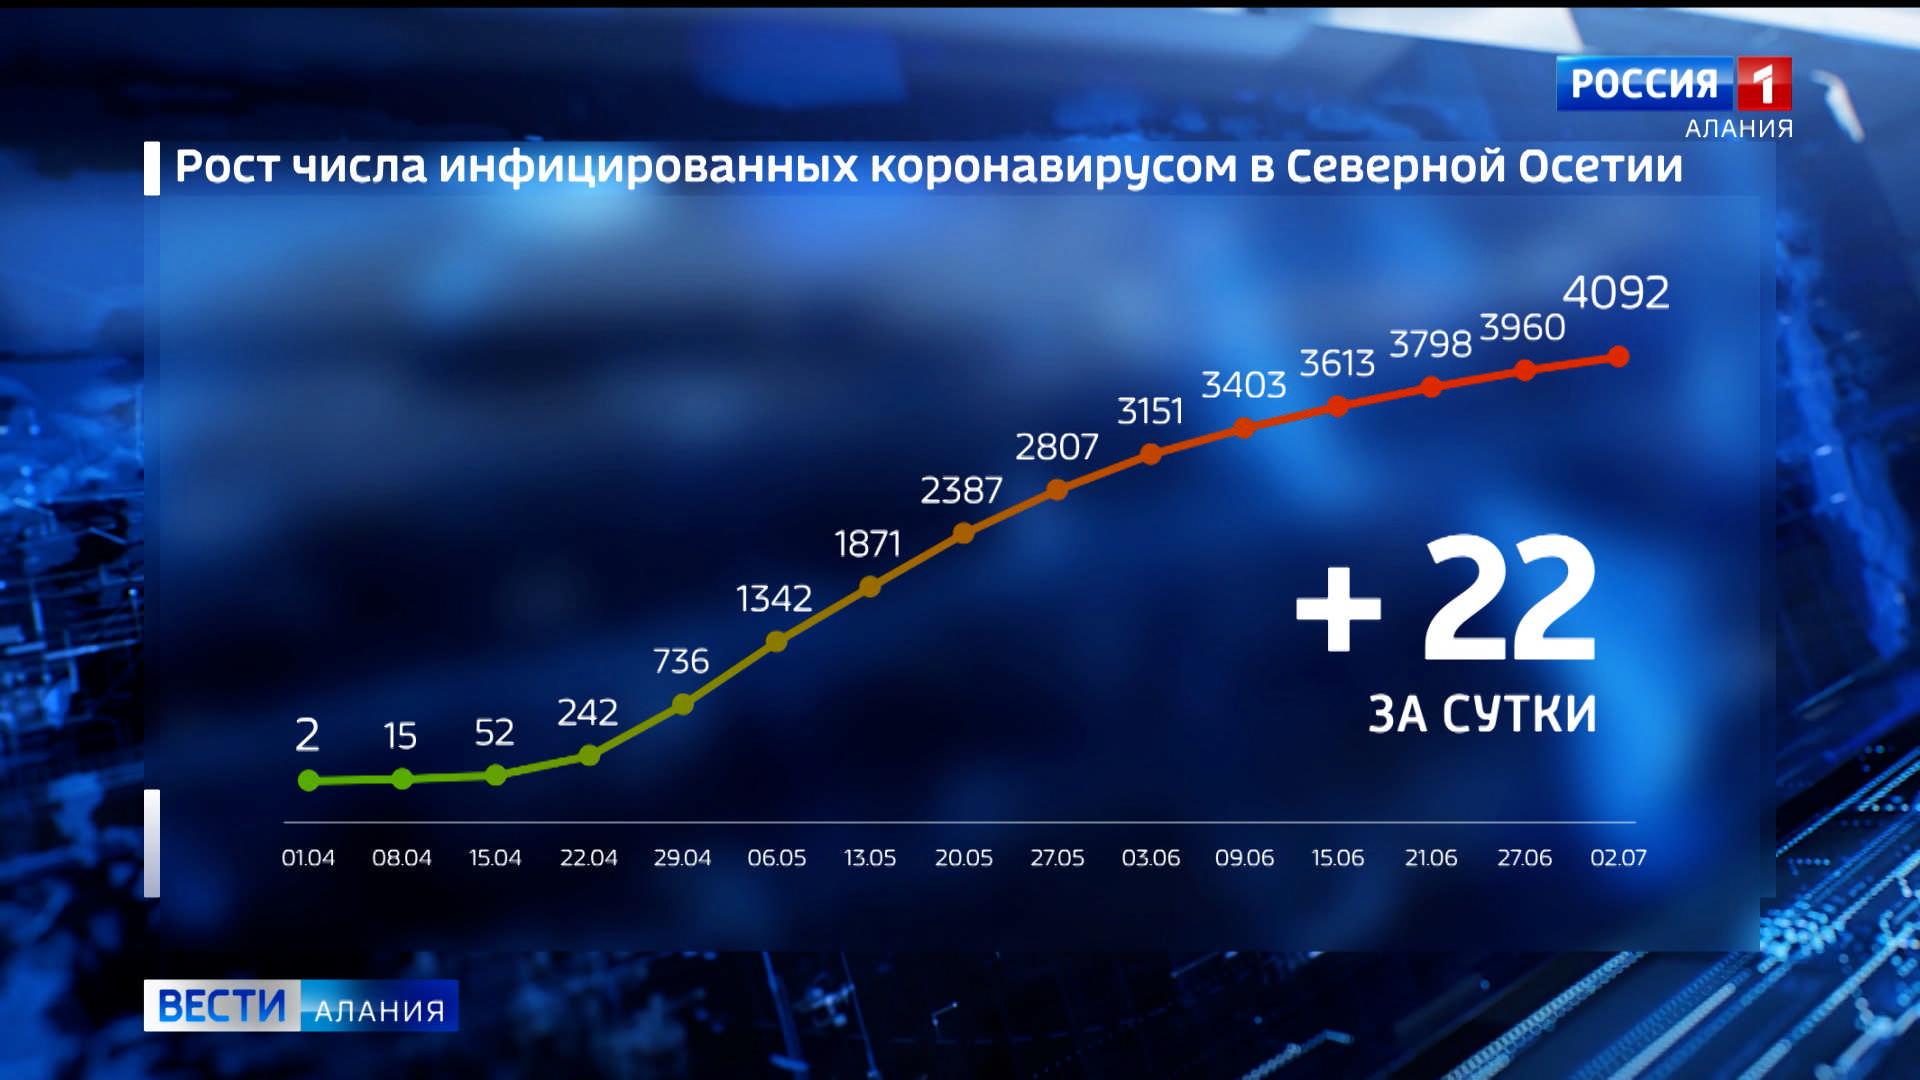 Количество случаев заражения коронавирусом в Северной Осетии увеличилось до 4092